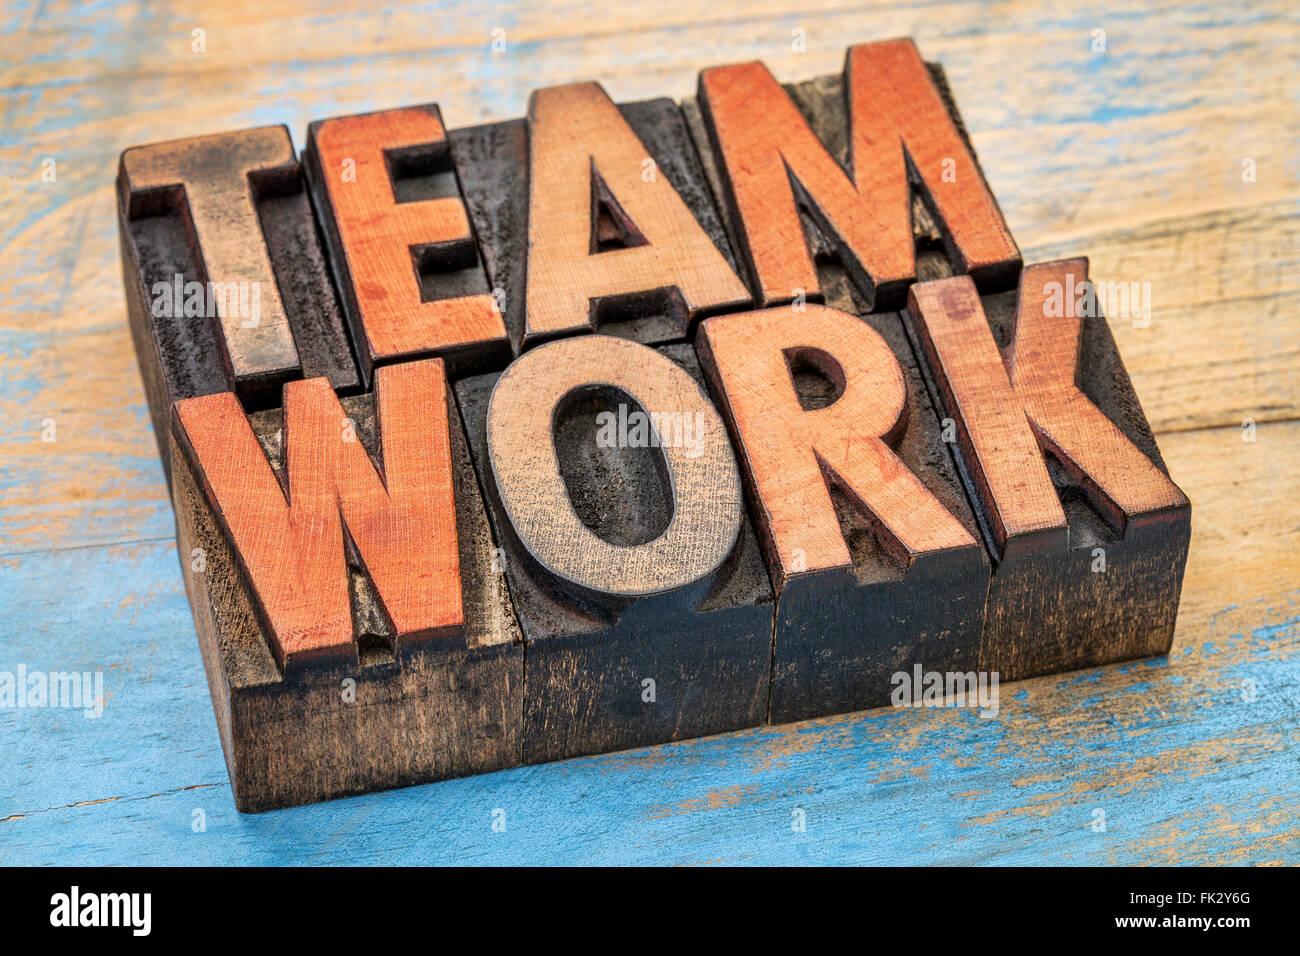 Trabajo en equipo palabra abstracta en tipografía vintage tipo madera manchada por bloques de impresión Imagen De Stock